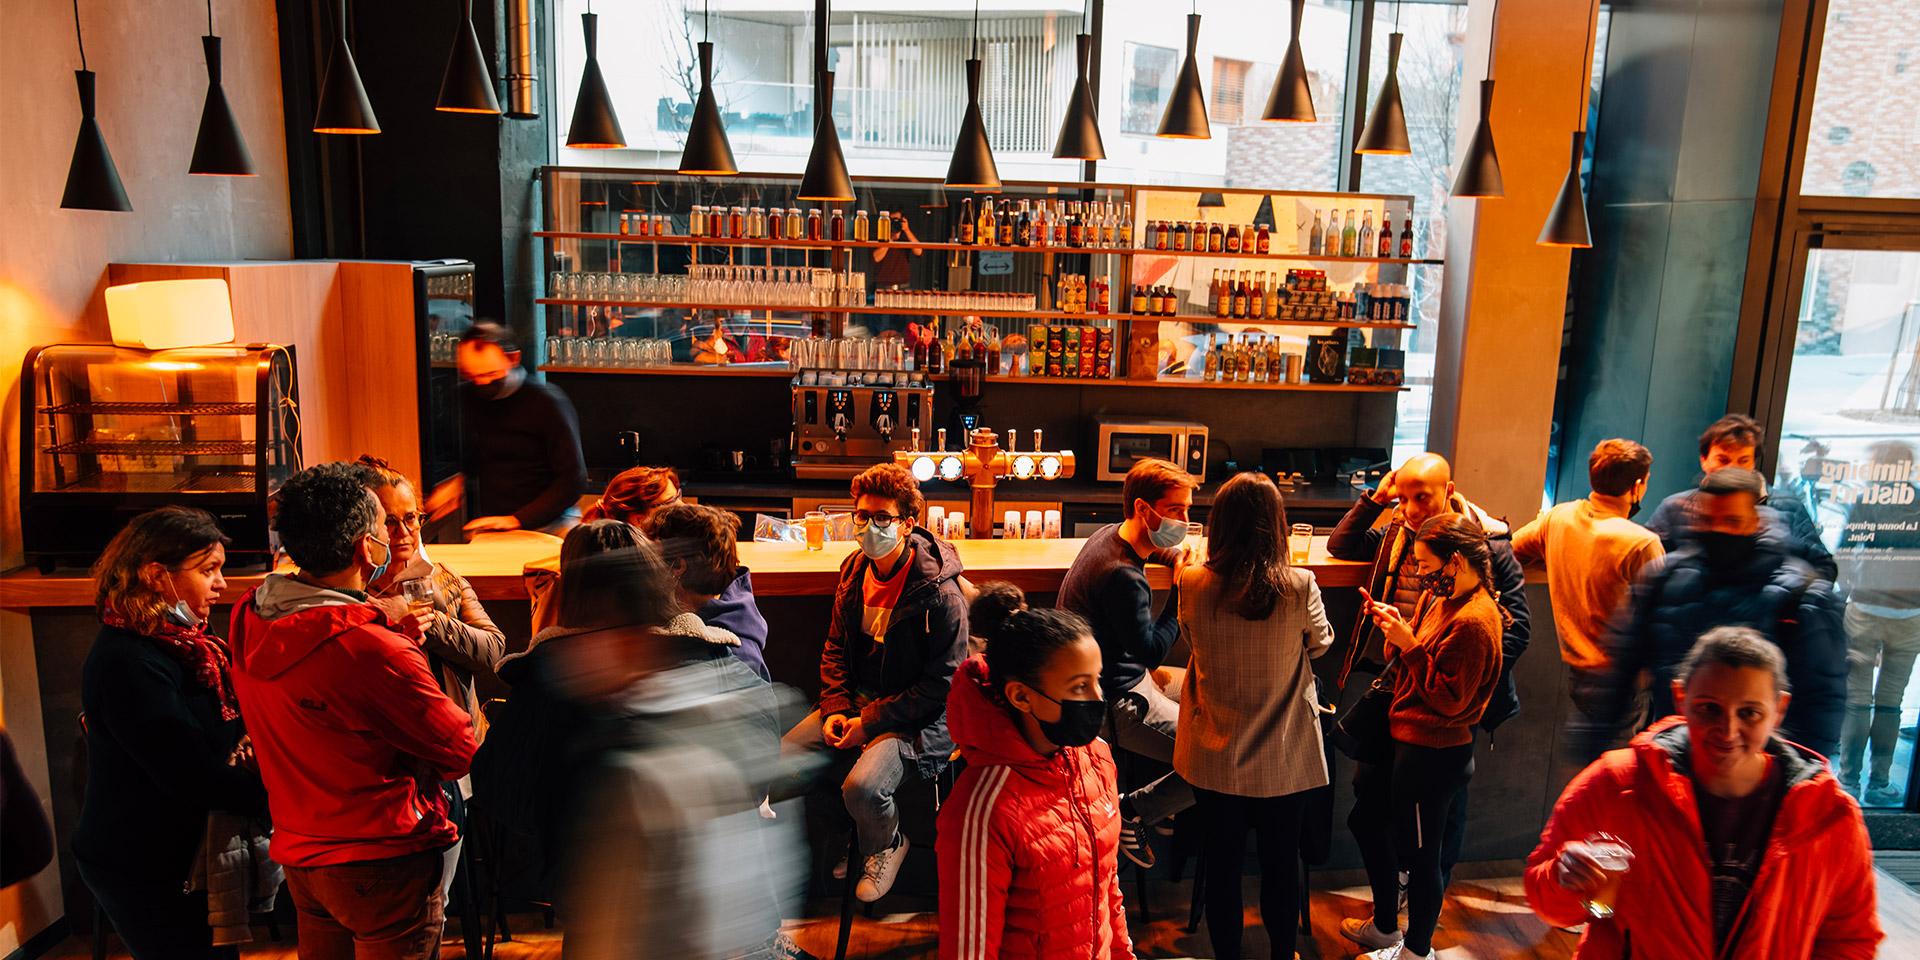 Le bar Climbing District - 69, rue Rostropovitch à Paris (Batignolles)